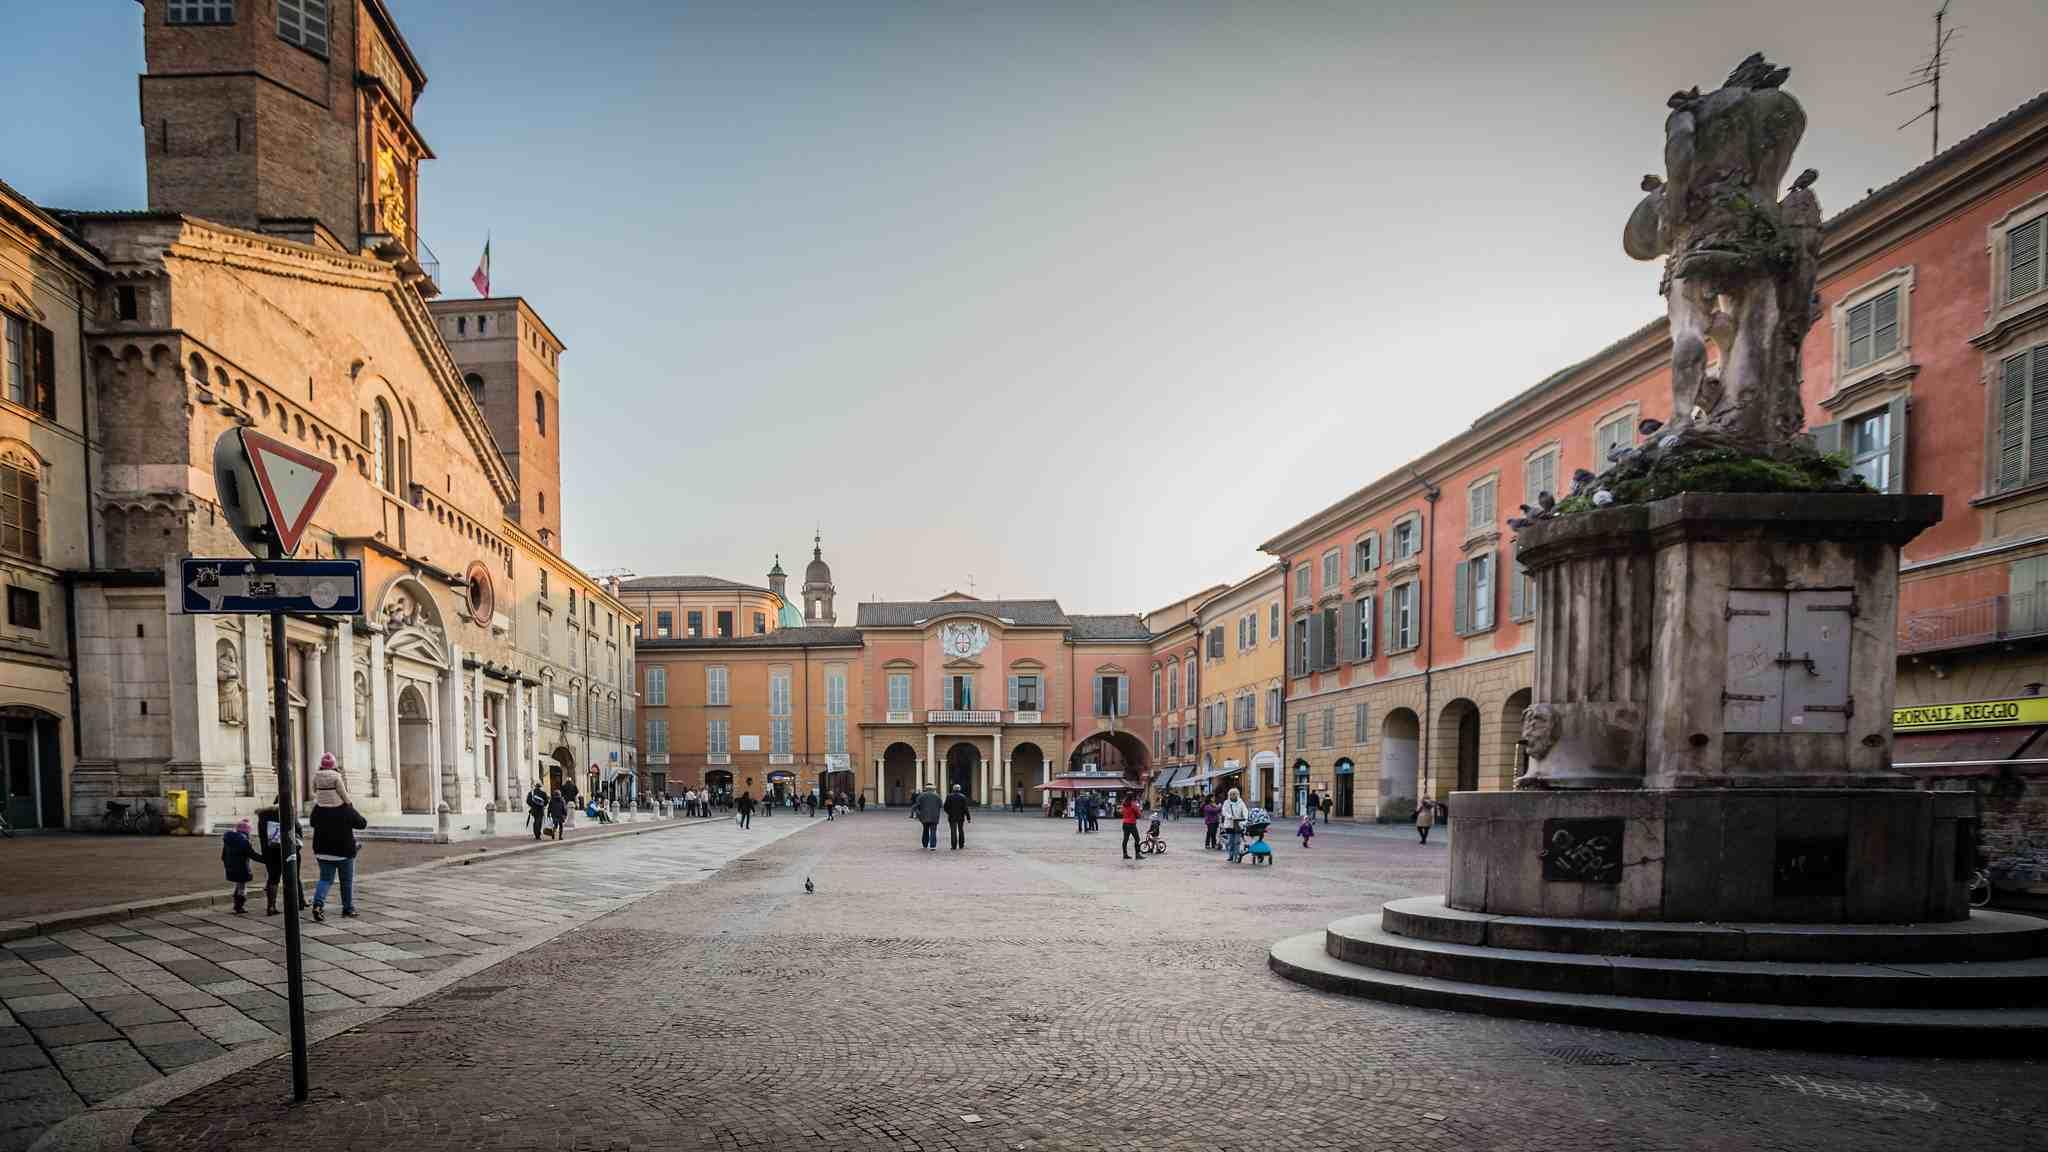 Arredo a Reggio Emilia, una storia di eccellenza - Iori Arredamenti